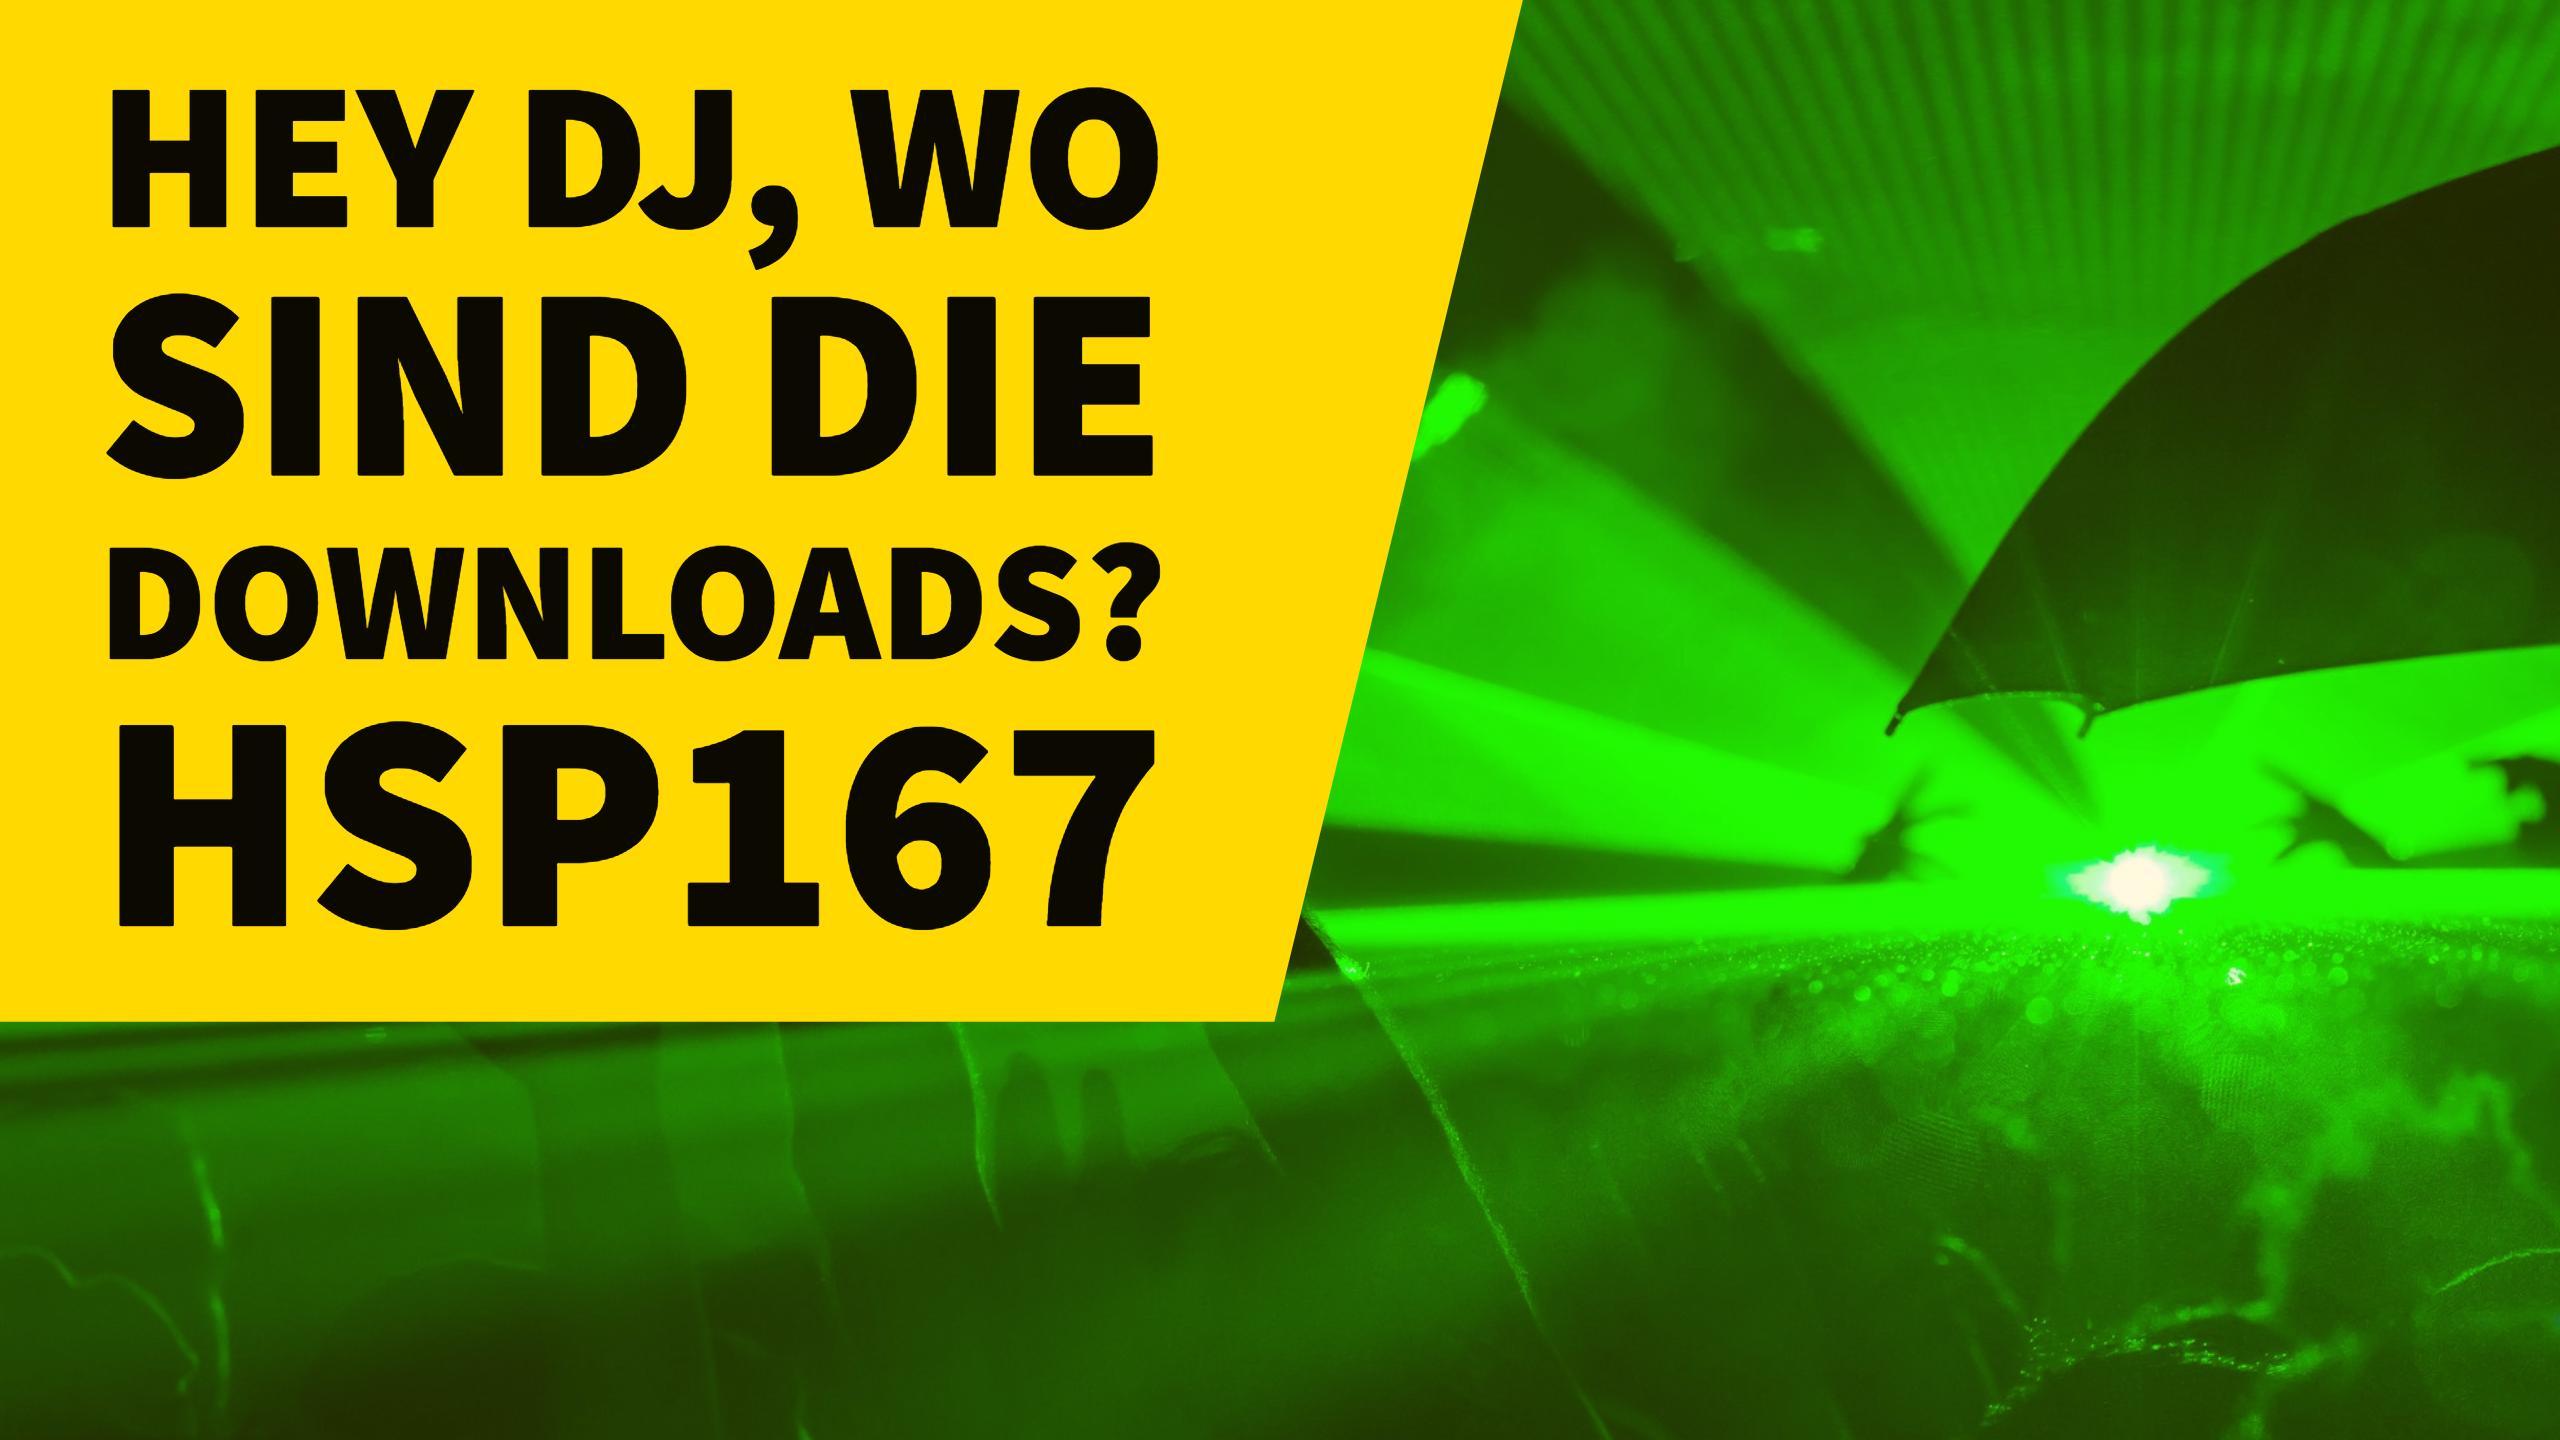 HSP167 Hey DJ, wo sind die Downloads? mit Scott Forshaw, Husky und Ponty Mython